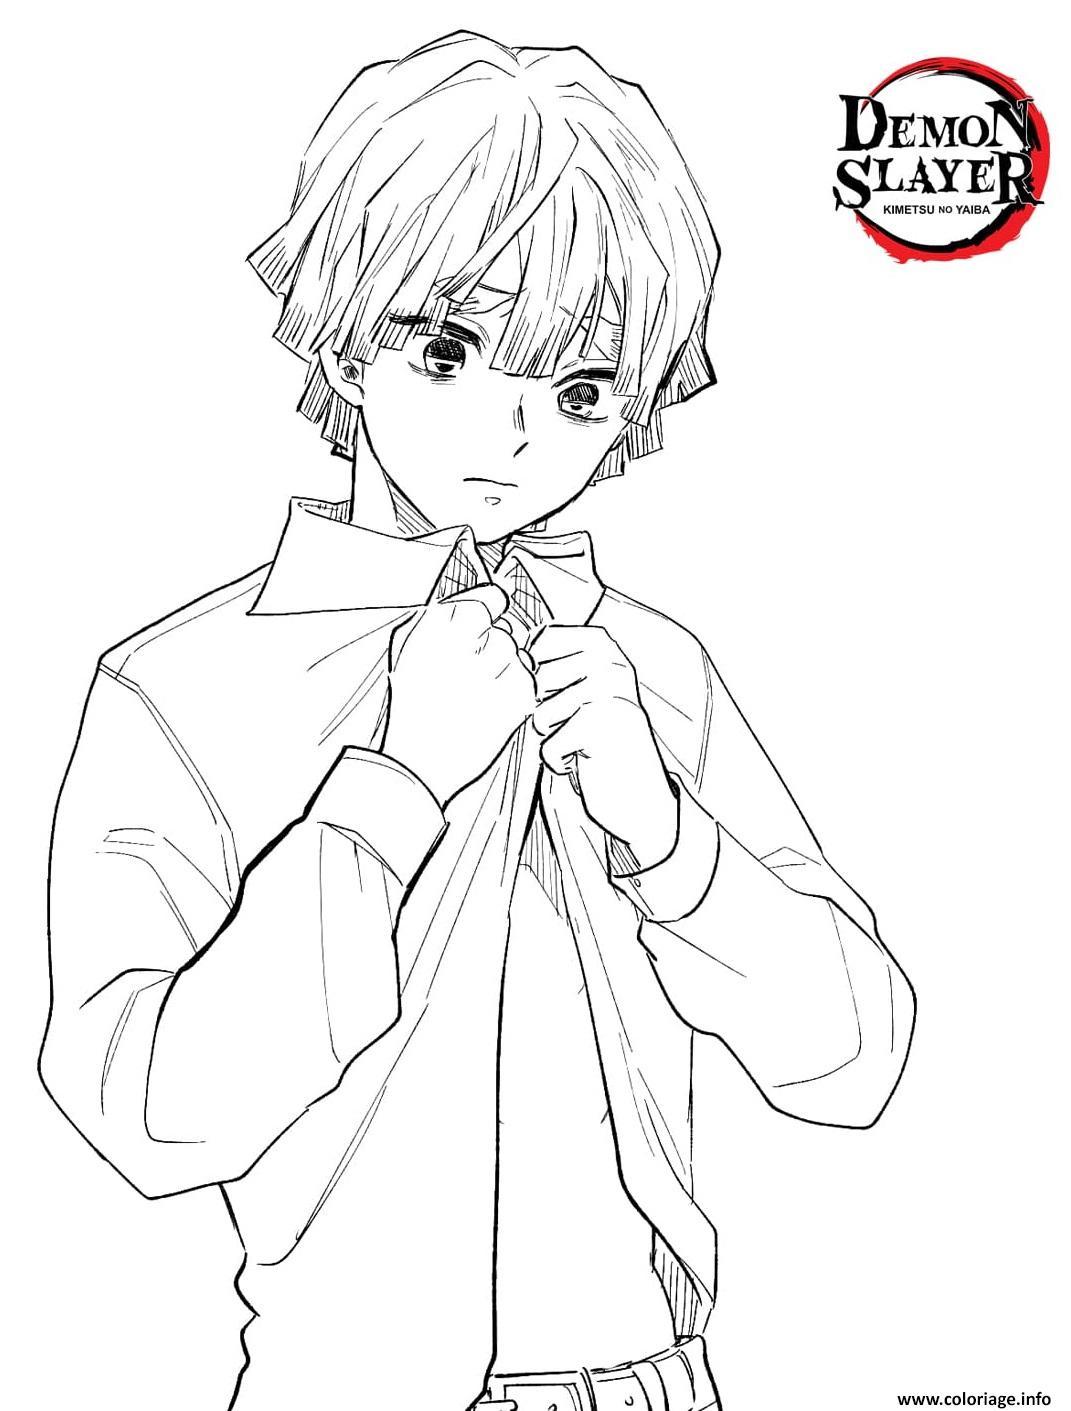 Dessin Zenitsu in a shirt demon slayer Coloriage Gratuit à Imprimer